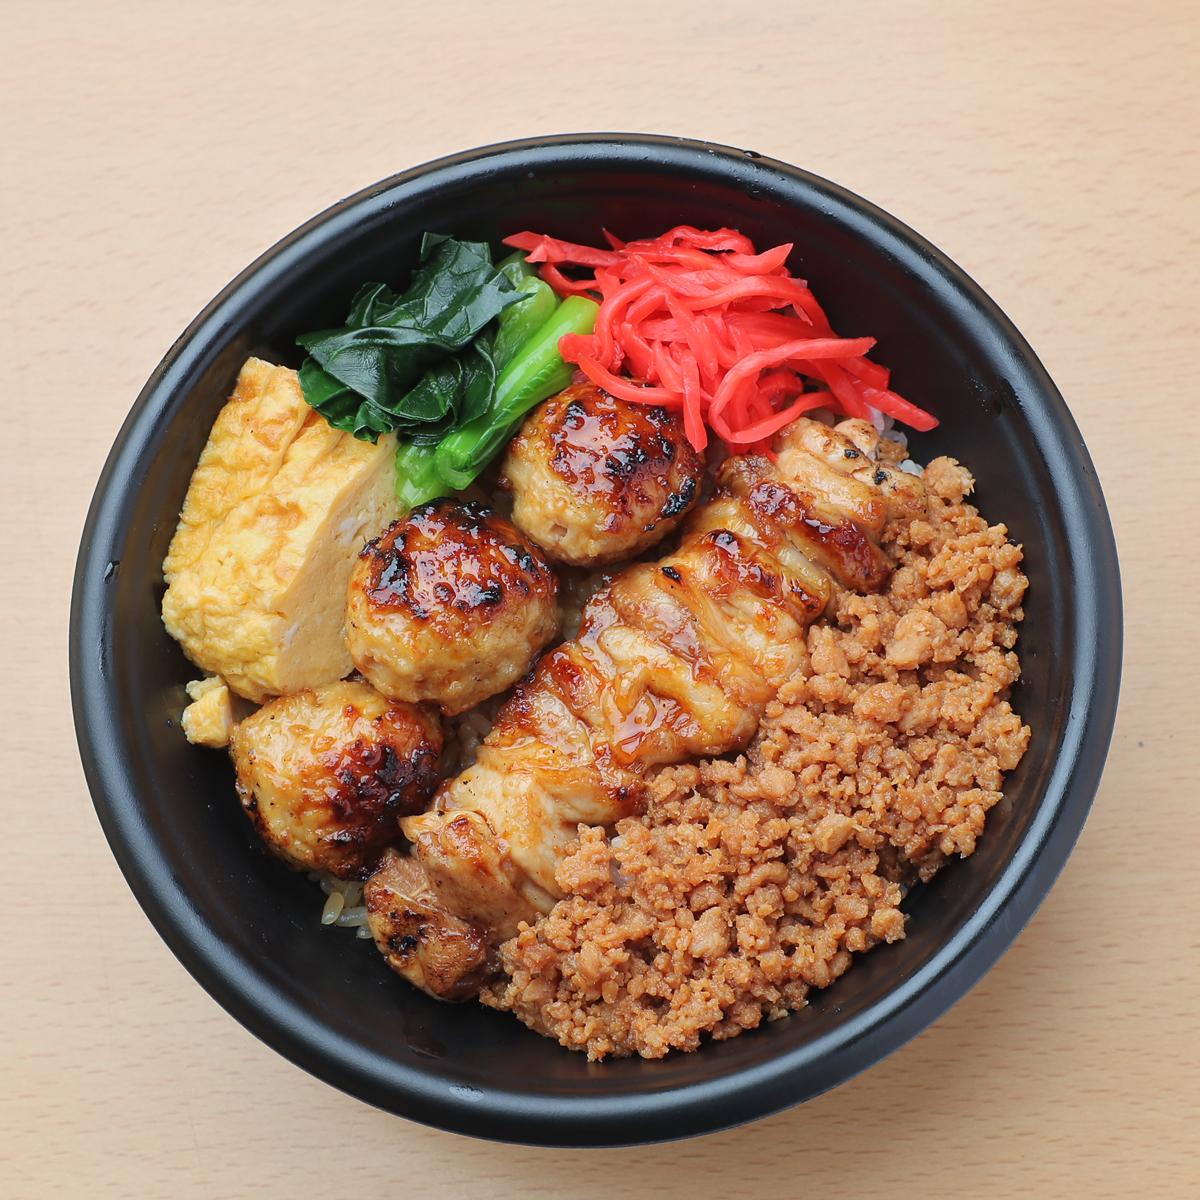 ⿃益特製 焼き⿃丼 680円